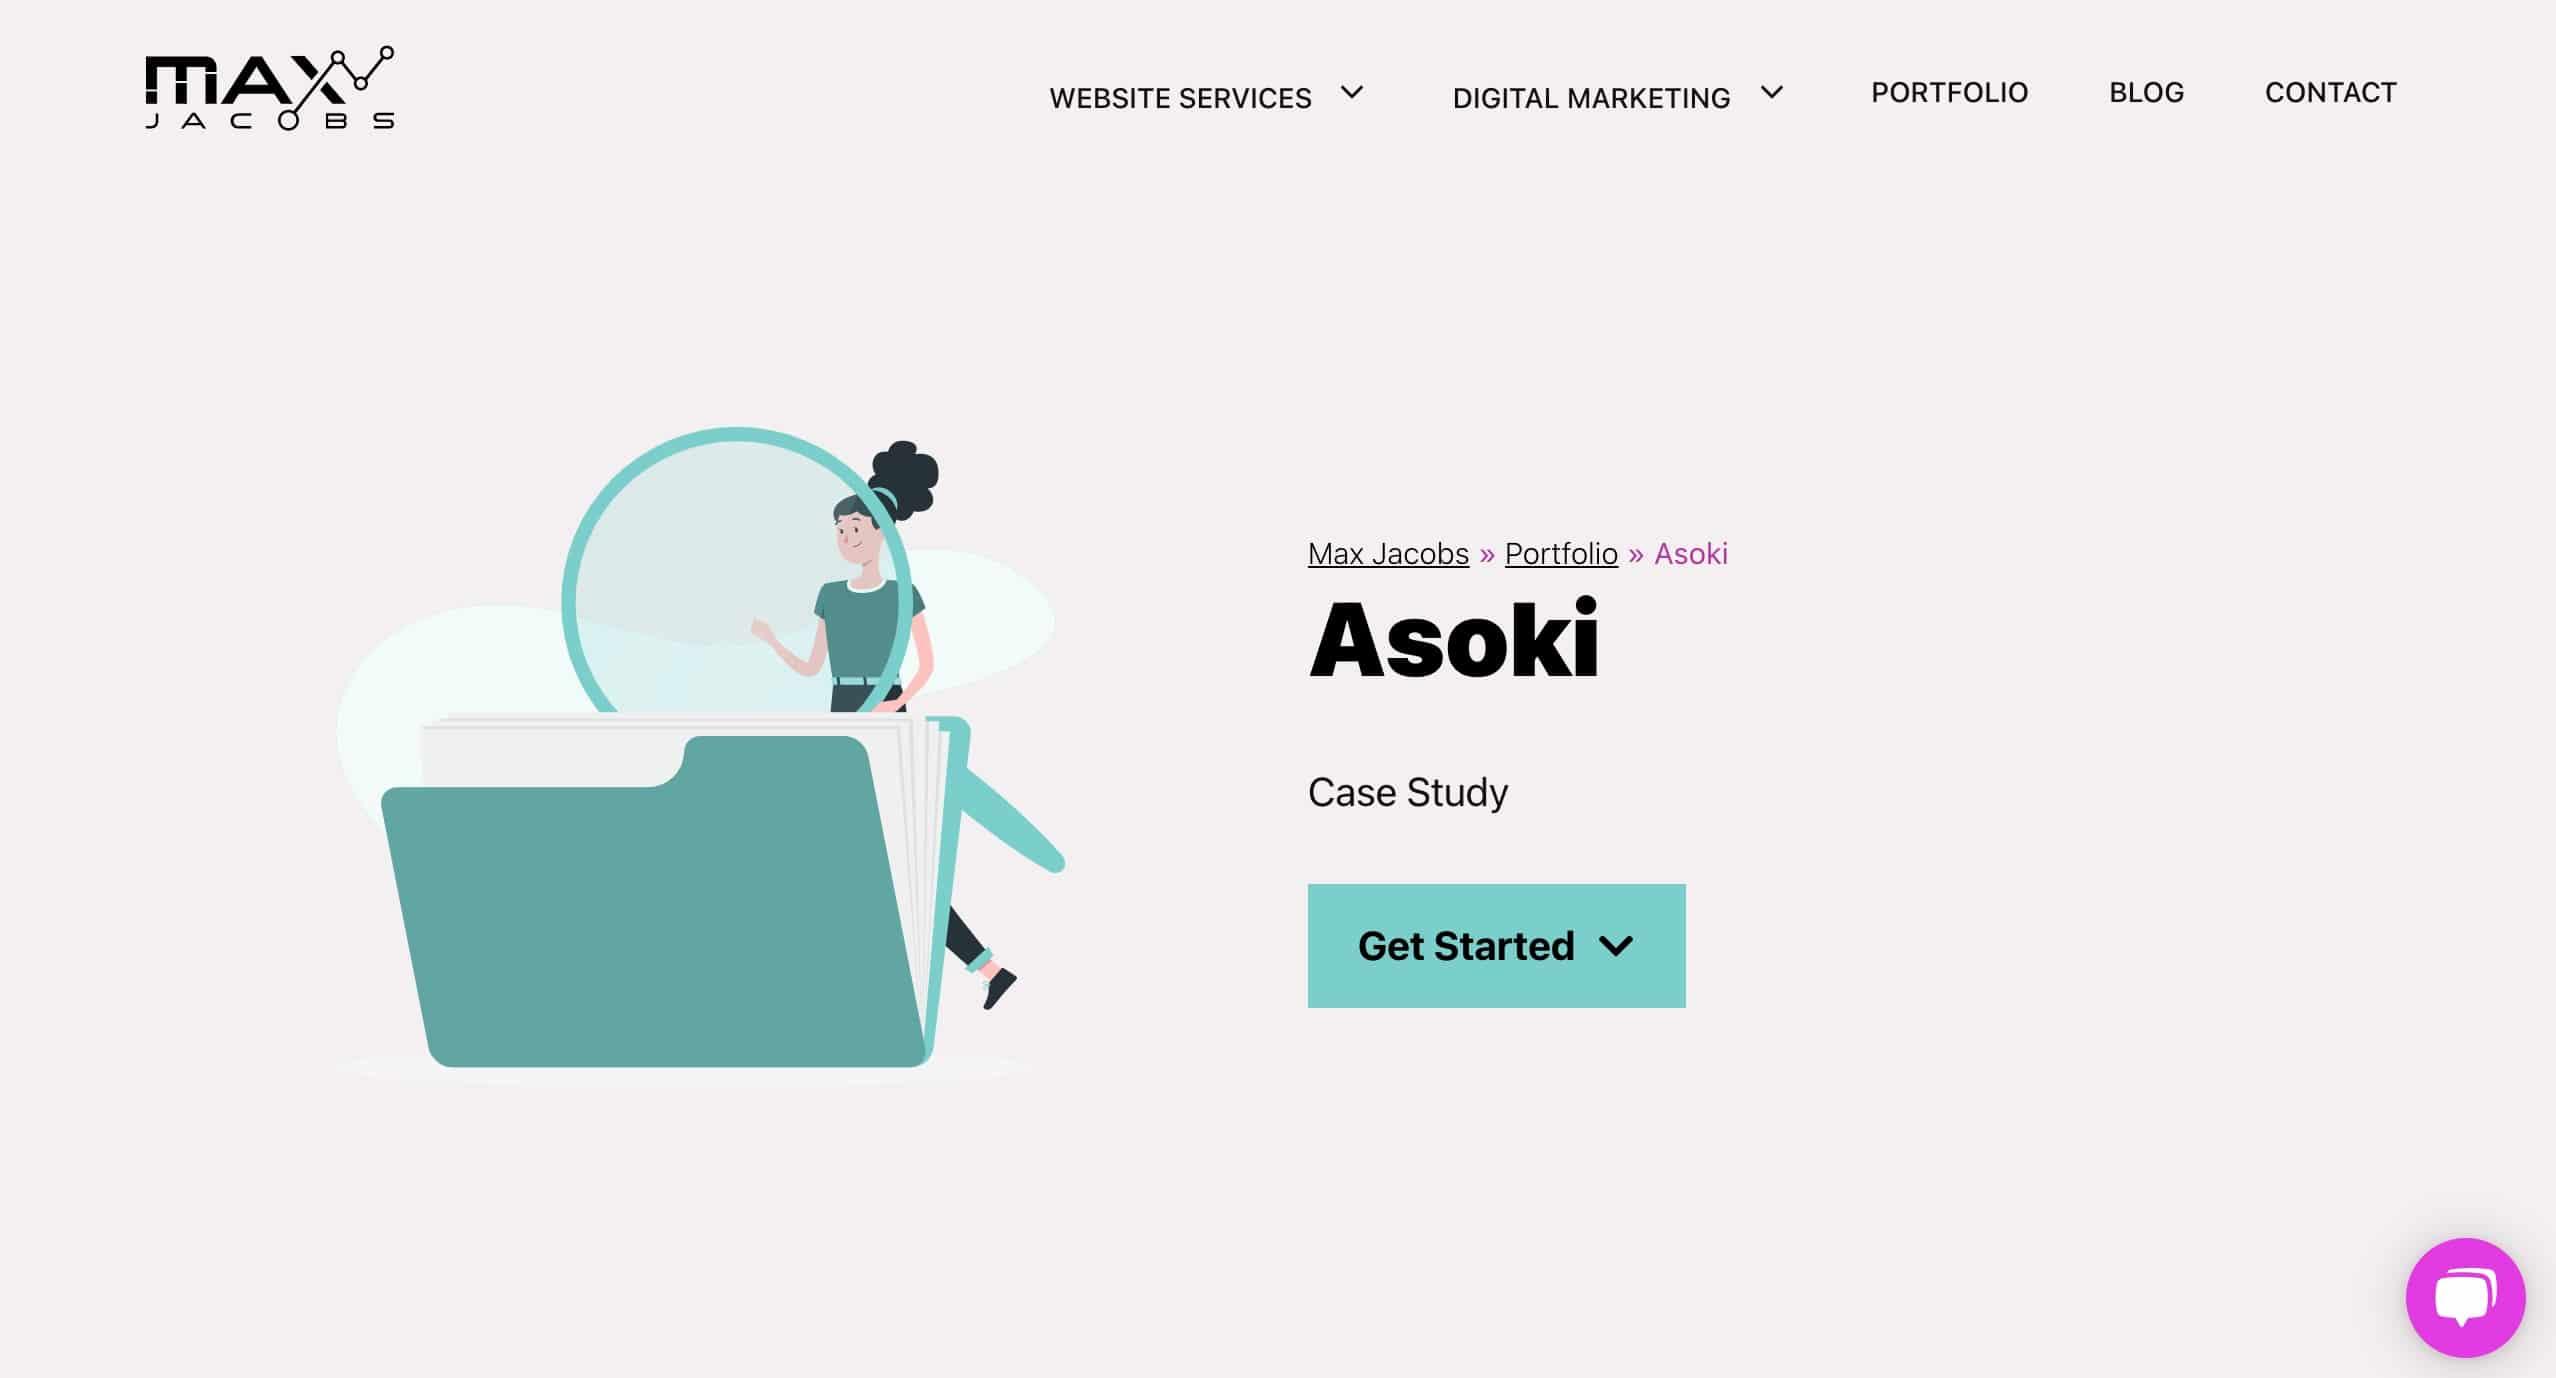 Asoki Case Study - Max Jacobs